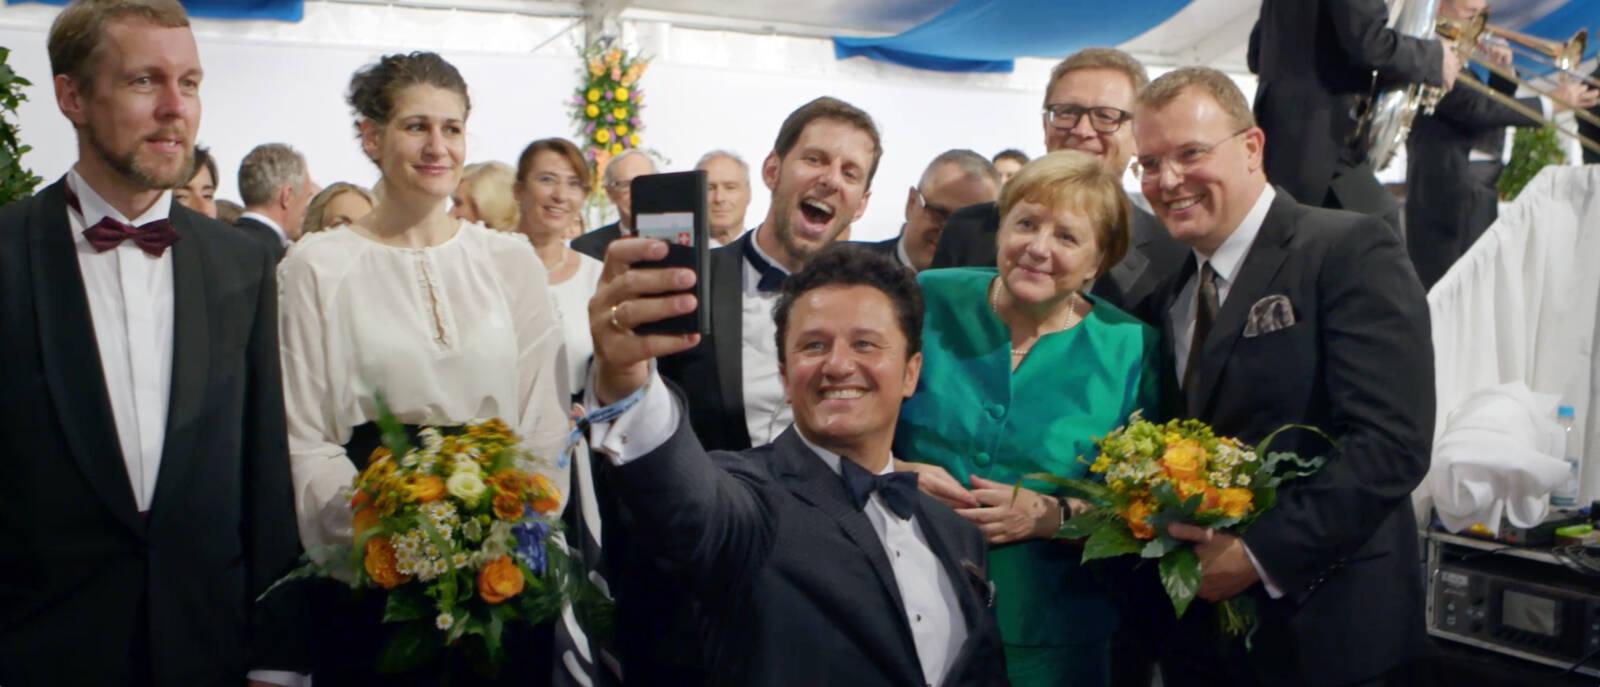 Wagner, Bayreuth und der Rest der Welt: Der Kult lebt!. Copyright Filmwelt Verleihagentur